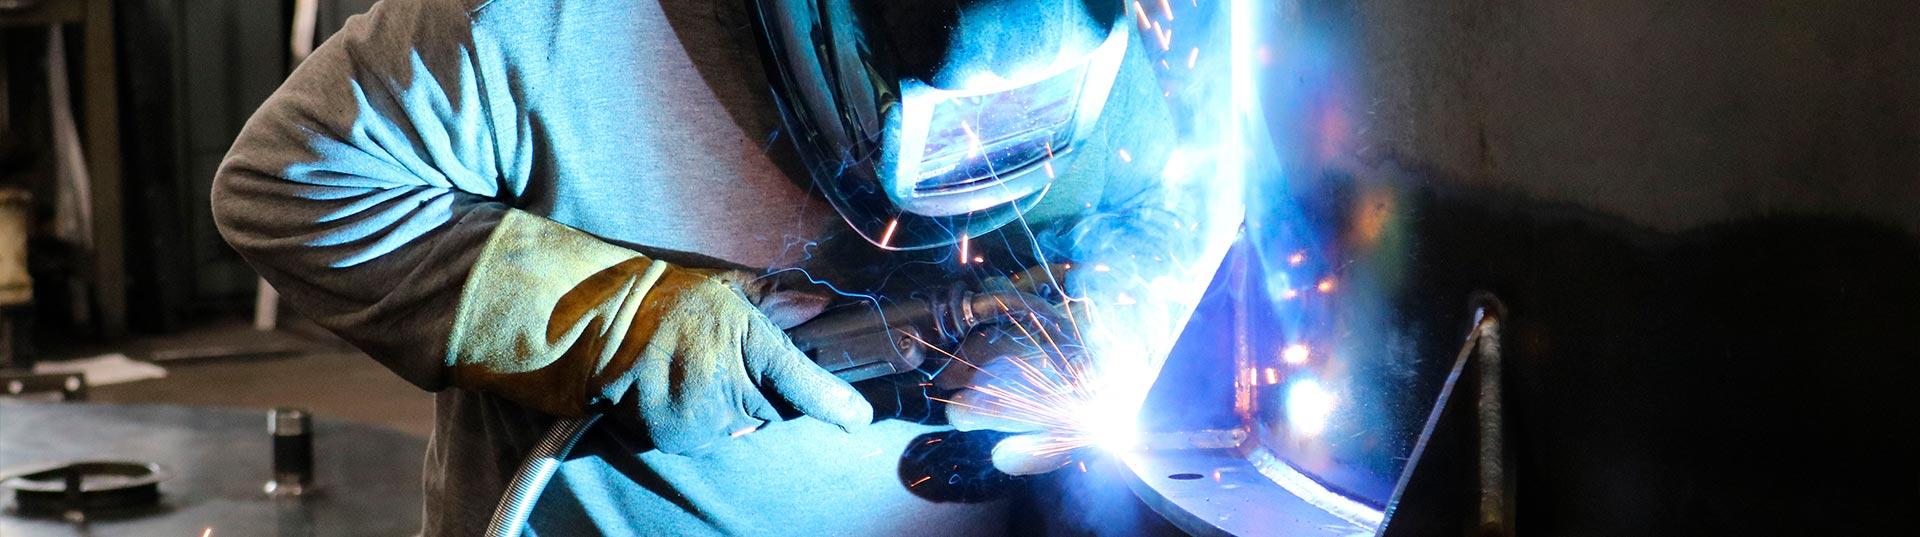 metalworks-slider-03-Welding-537x1920